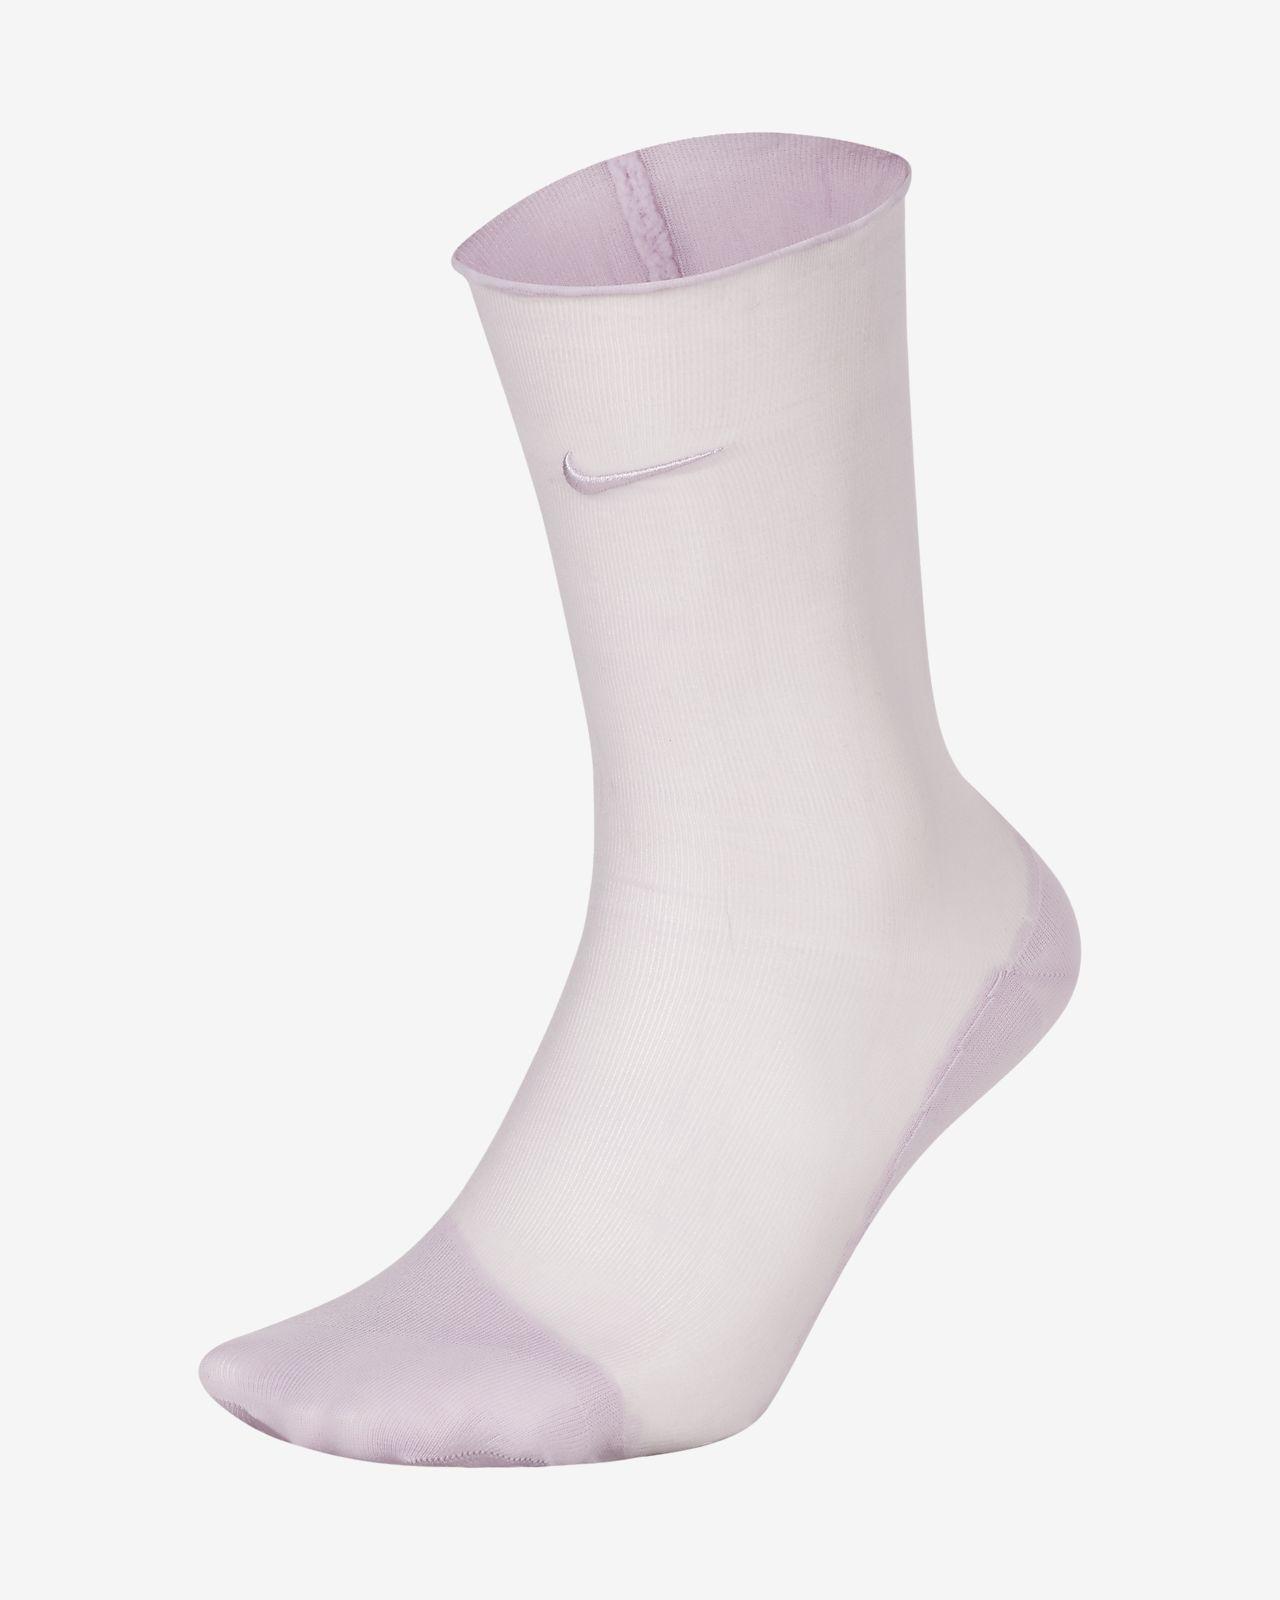 Nike Sheer Calcetines tobilleros de entrenamiento - Mujer